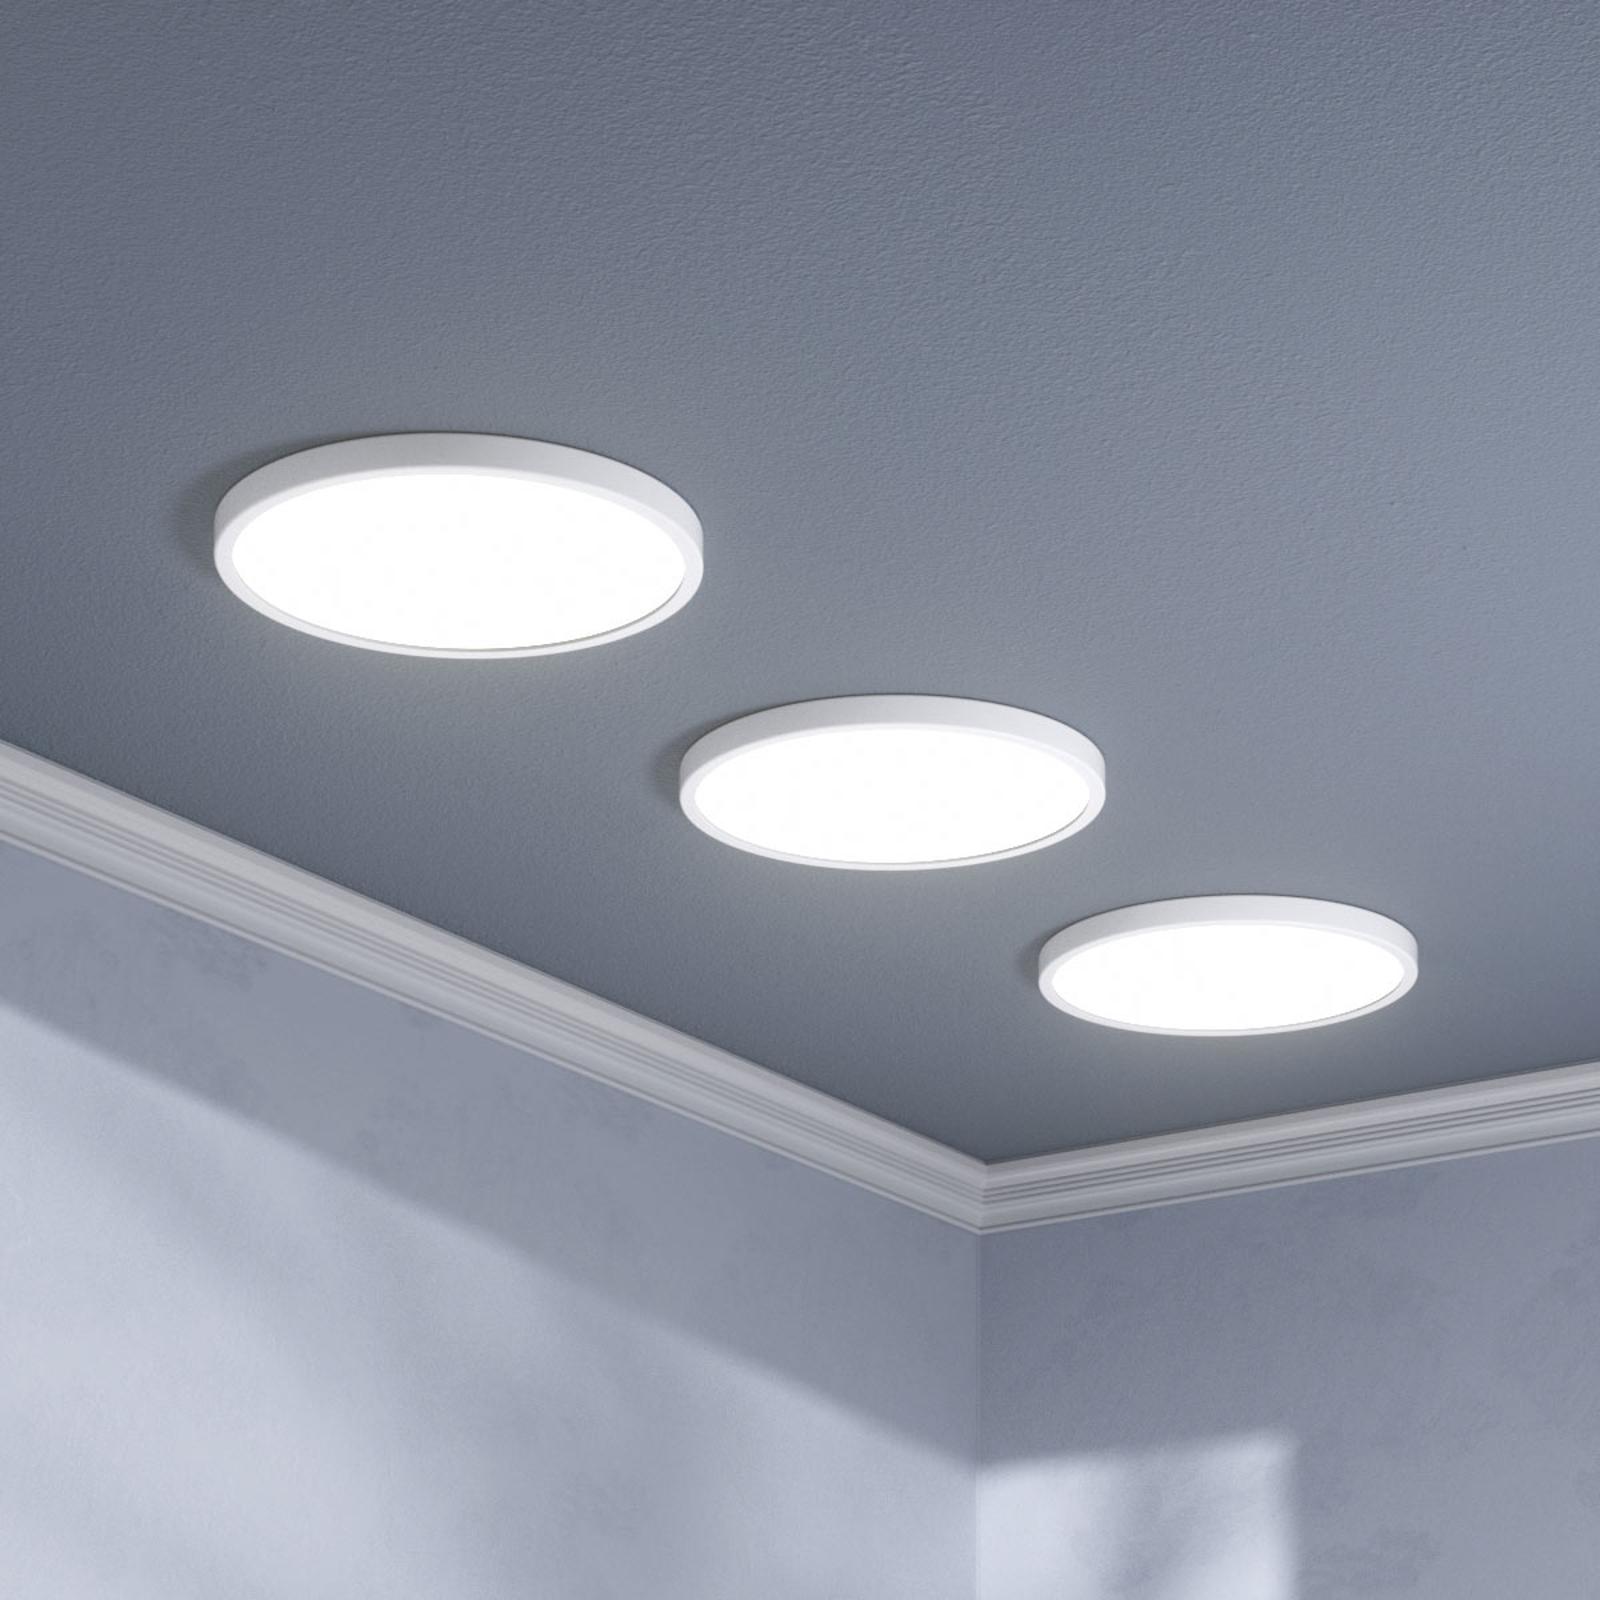 LED lampa skrivbordsbelysning dimbar belysning med 5 lägen